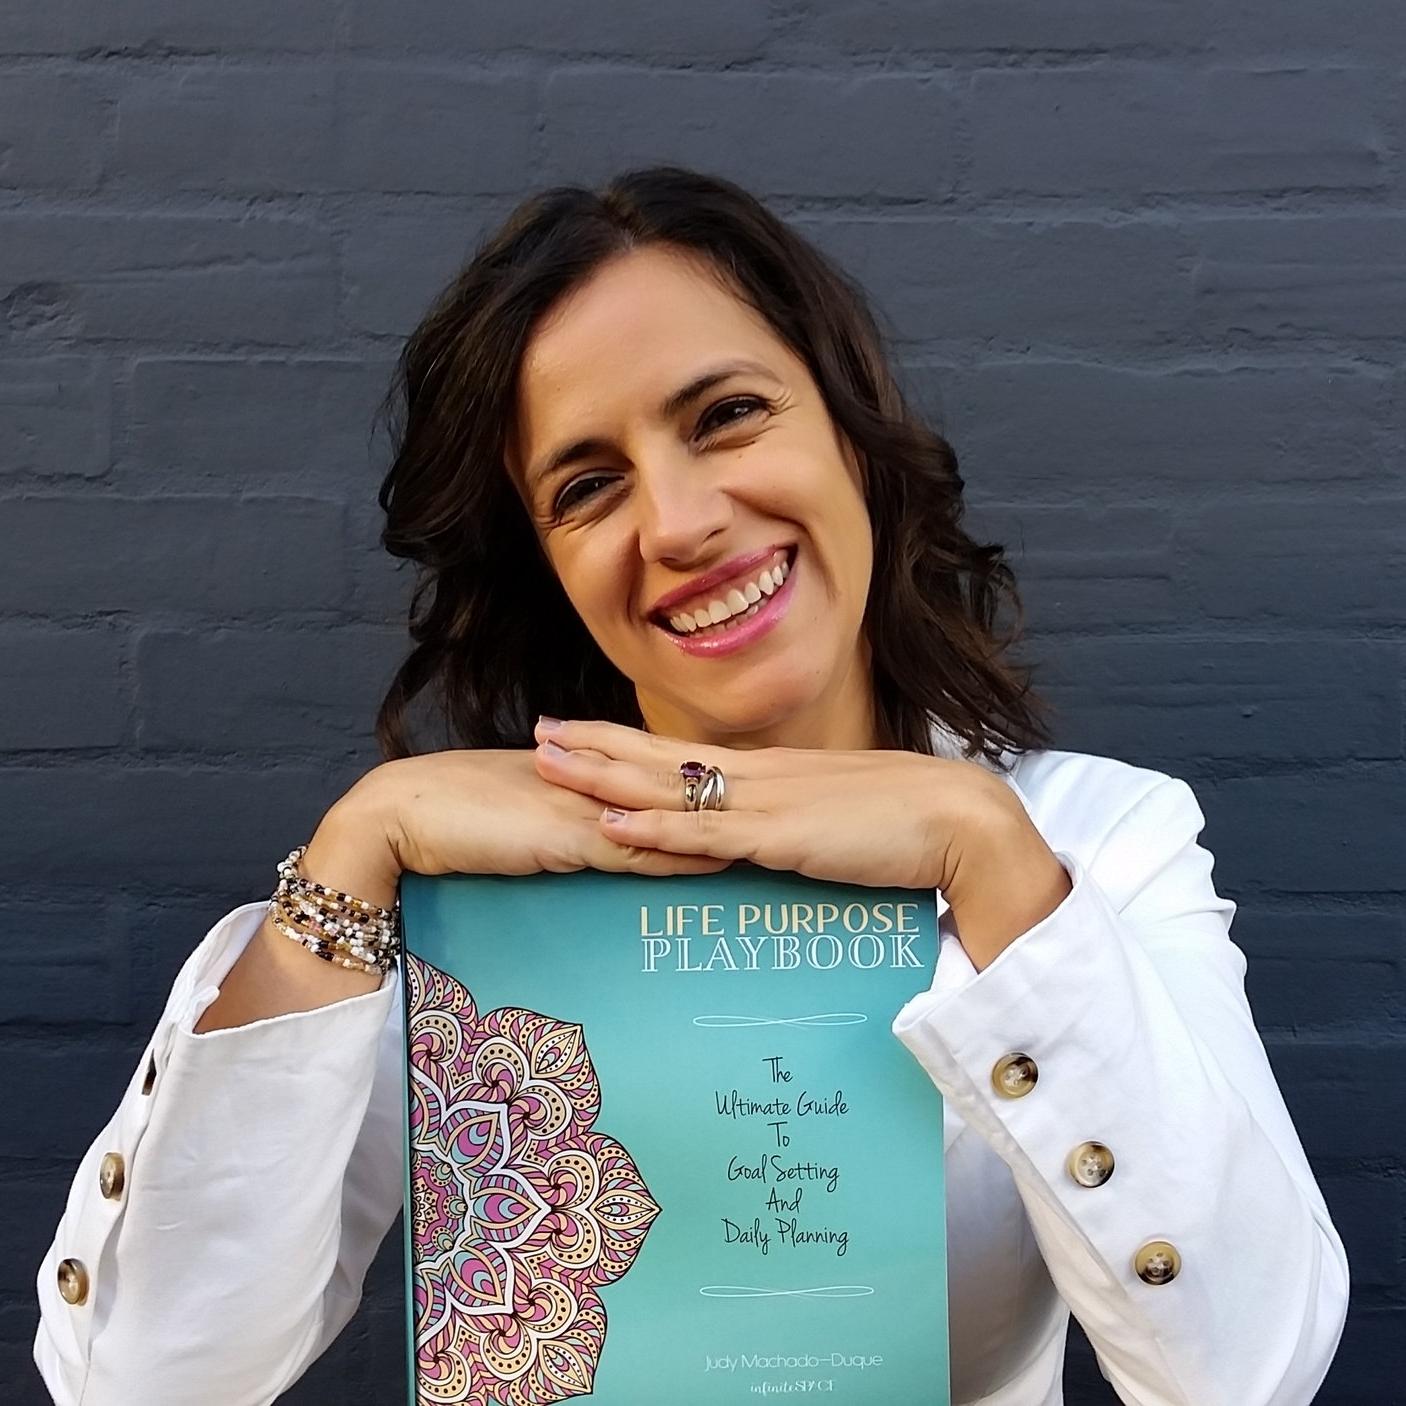 Judy Machado-Duque Life Purpose Playbook